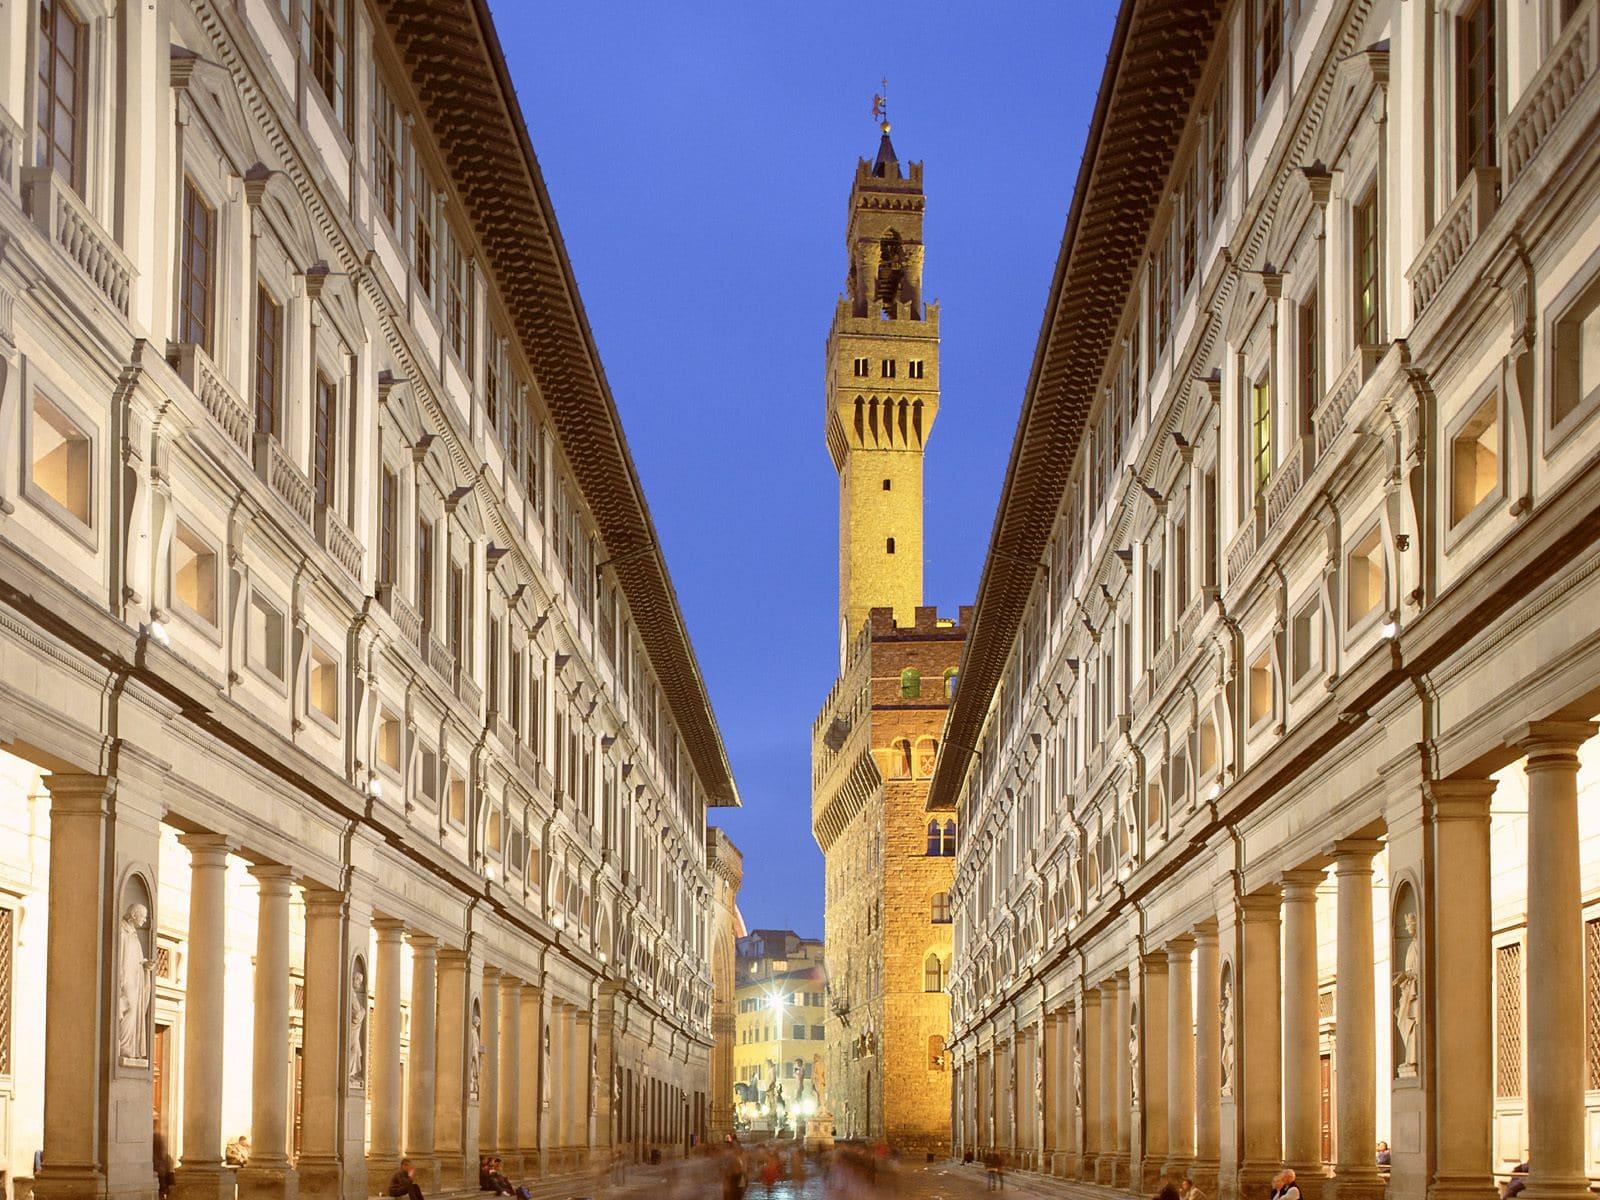 Palatul Uffizi, cu un design inedit, găzduiește Galeria Uffizi